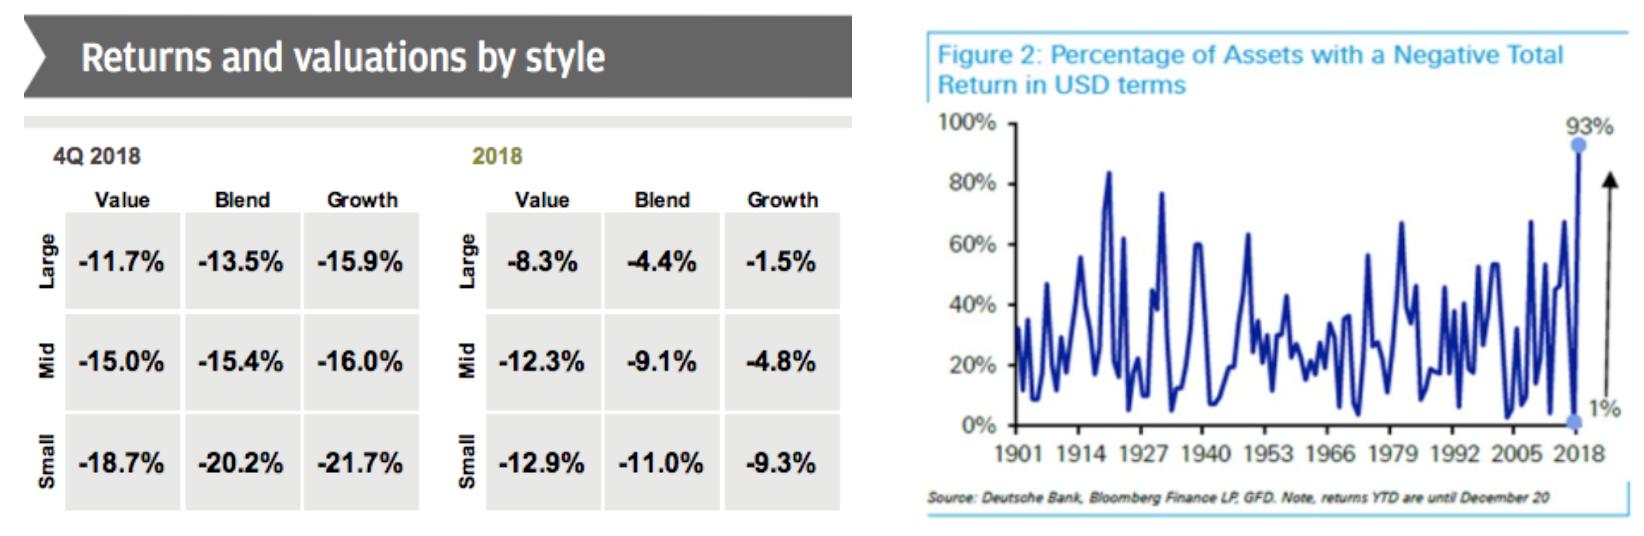 Source: JPMorgan & Deutsche Bank